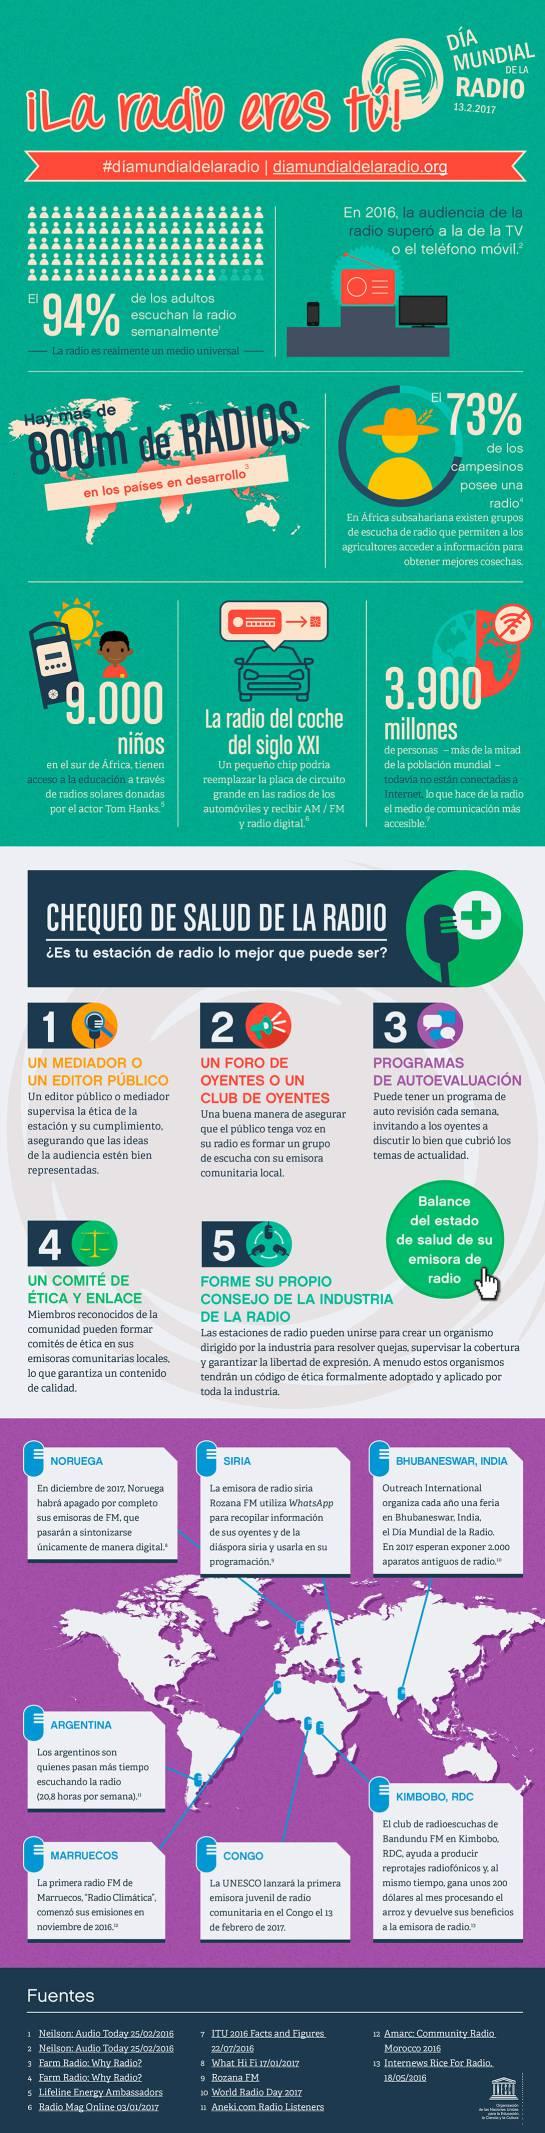 Día Mundial de la Radio: El 94 % de los adultos escuchan radio semanalmente y otros datos